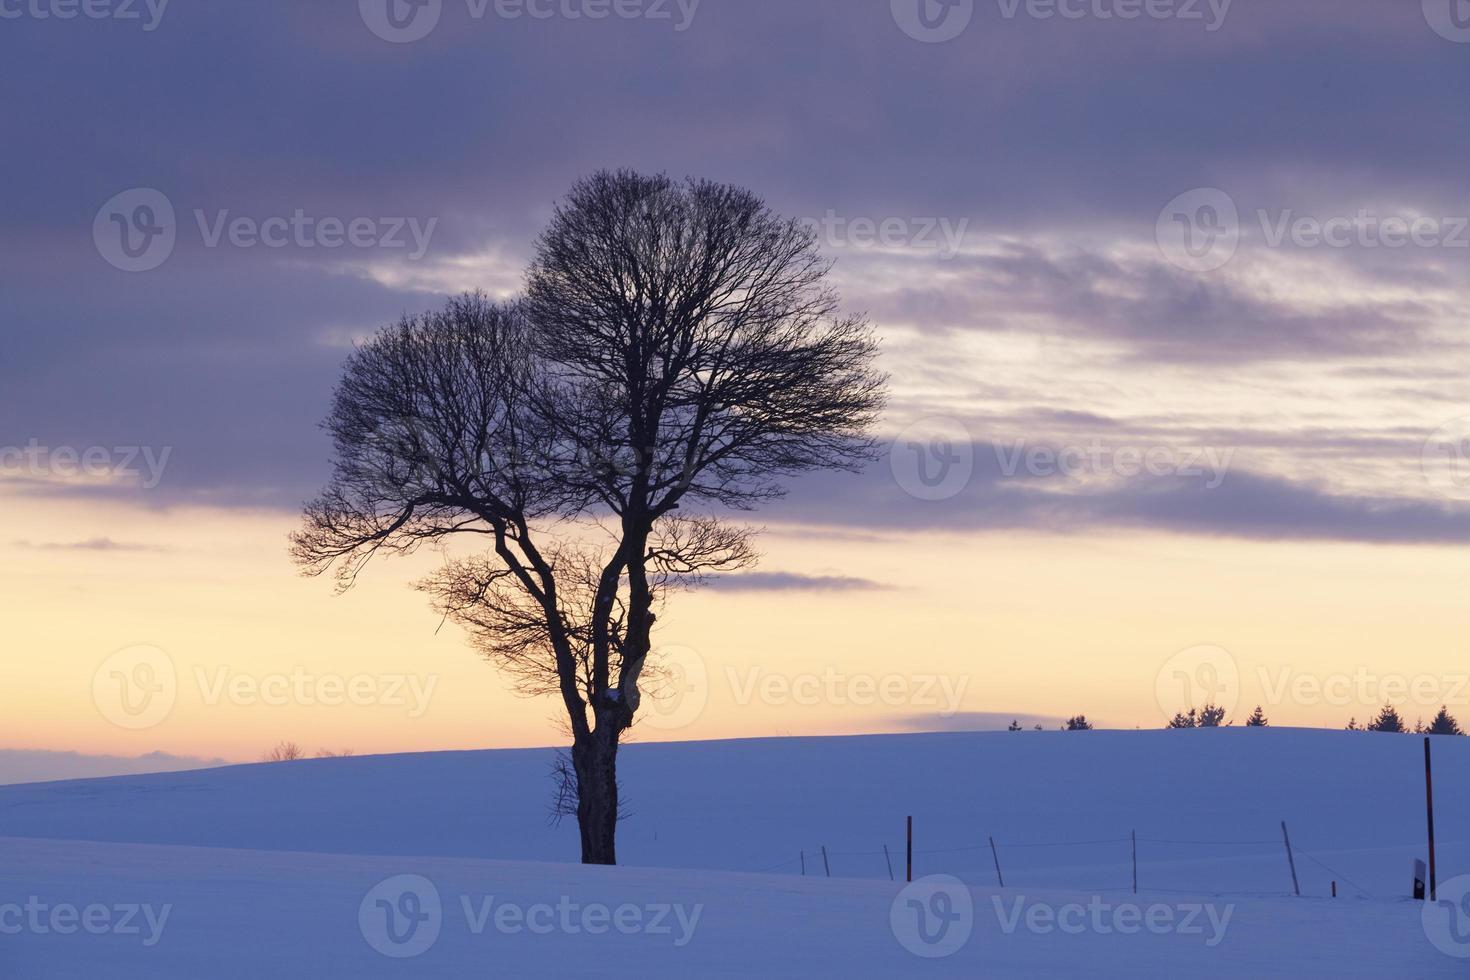 albero in un paesaggio invernale al tramonto foto